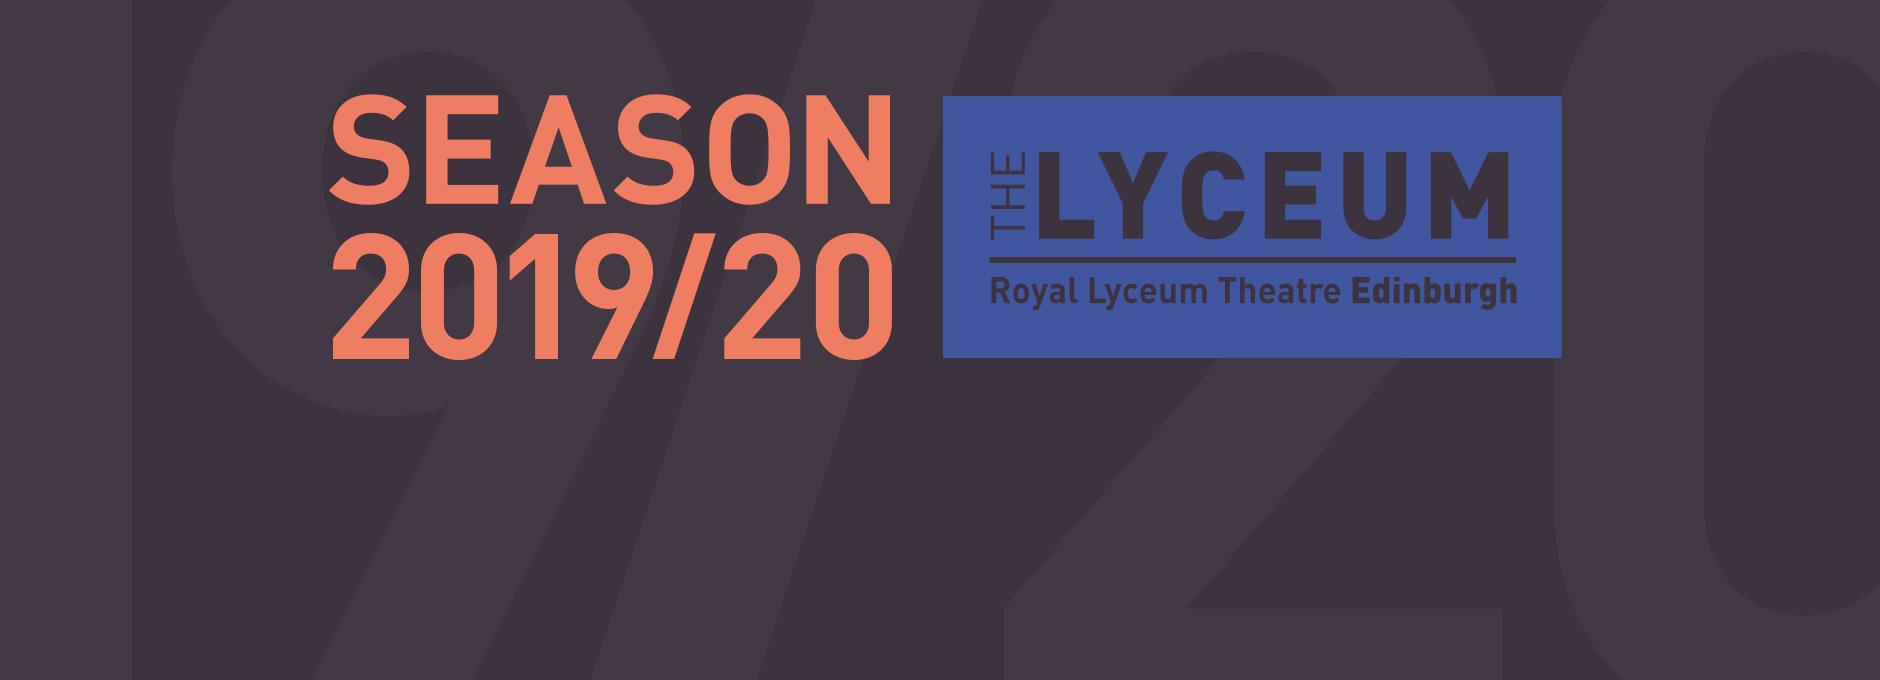 Lyceum Season 2019/20